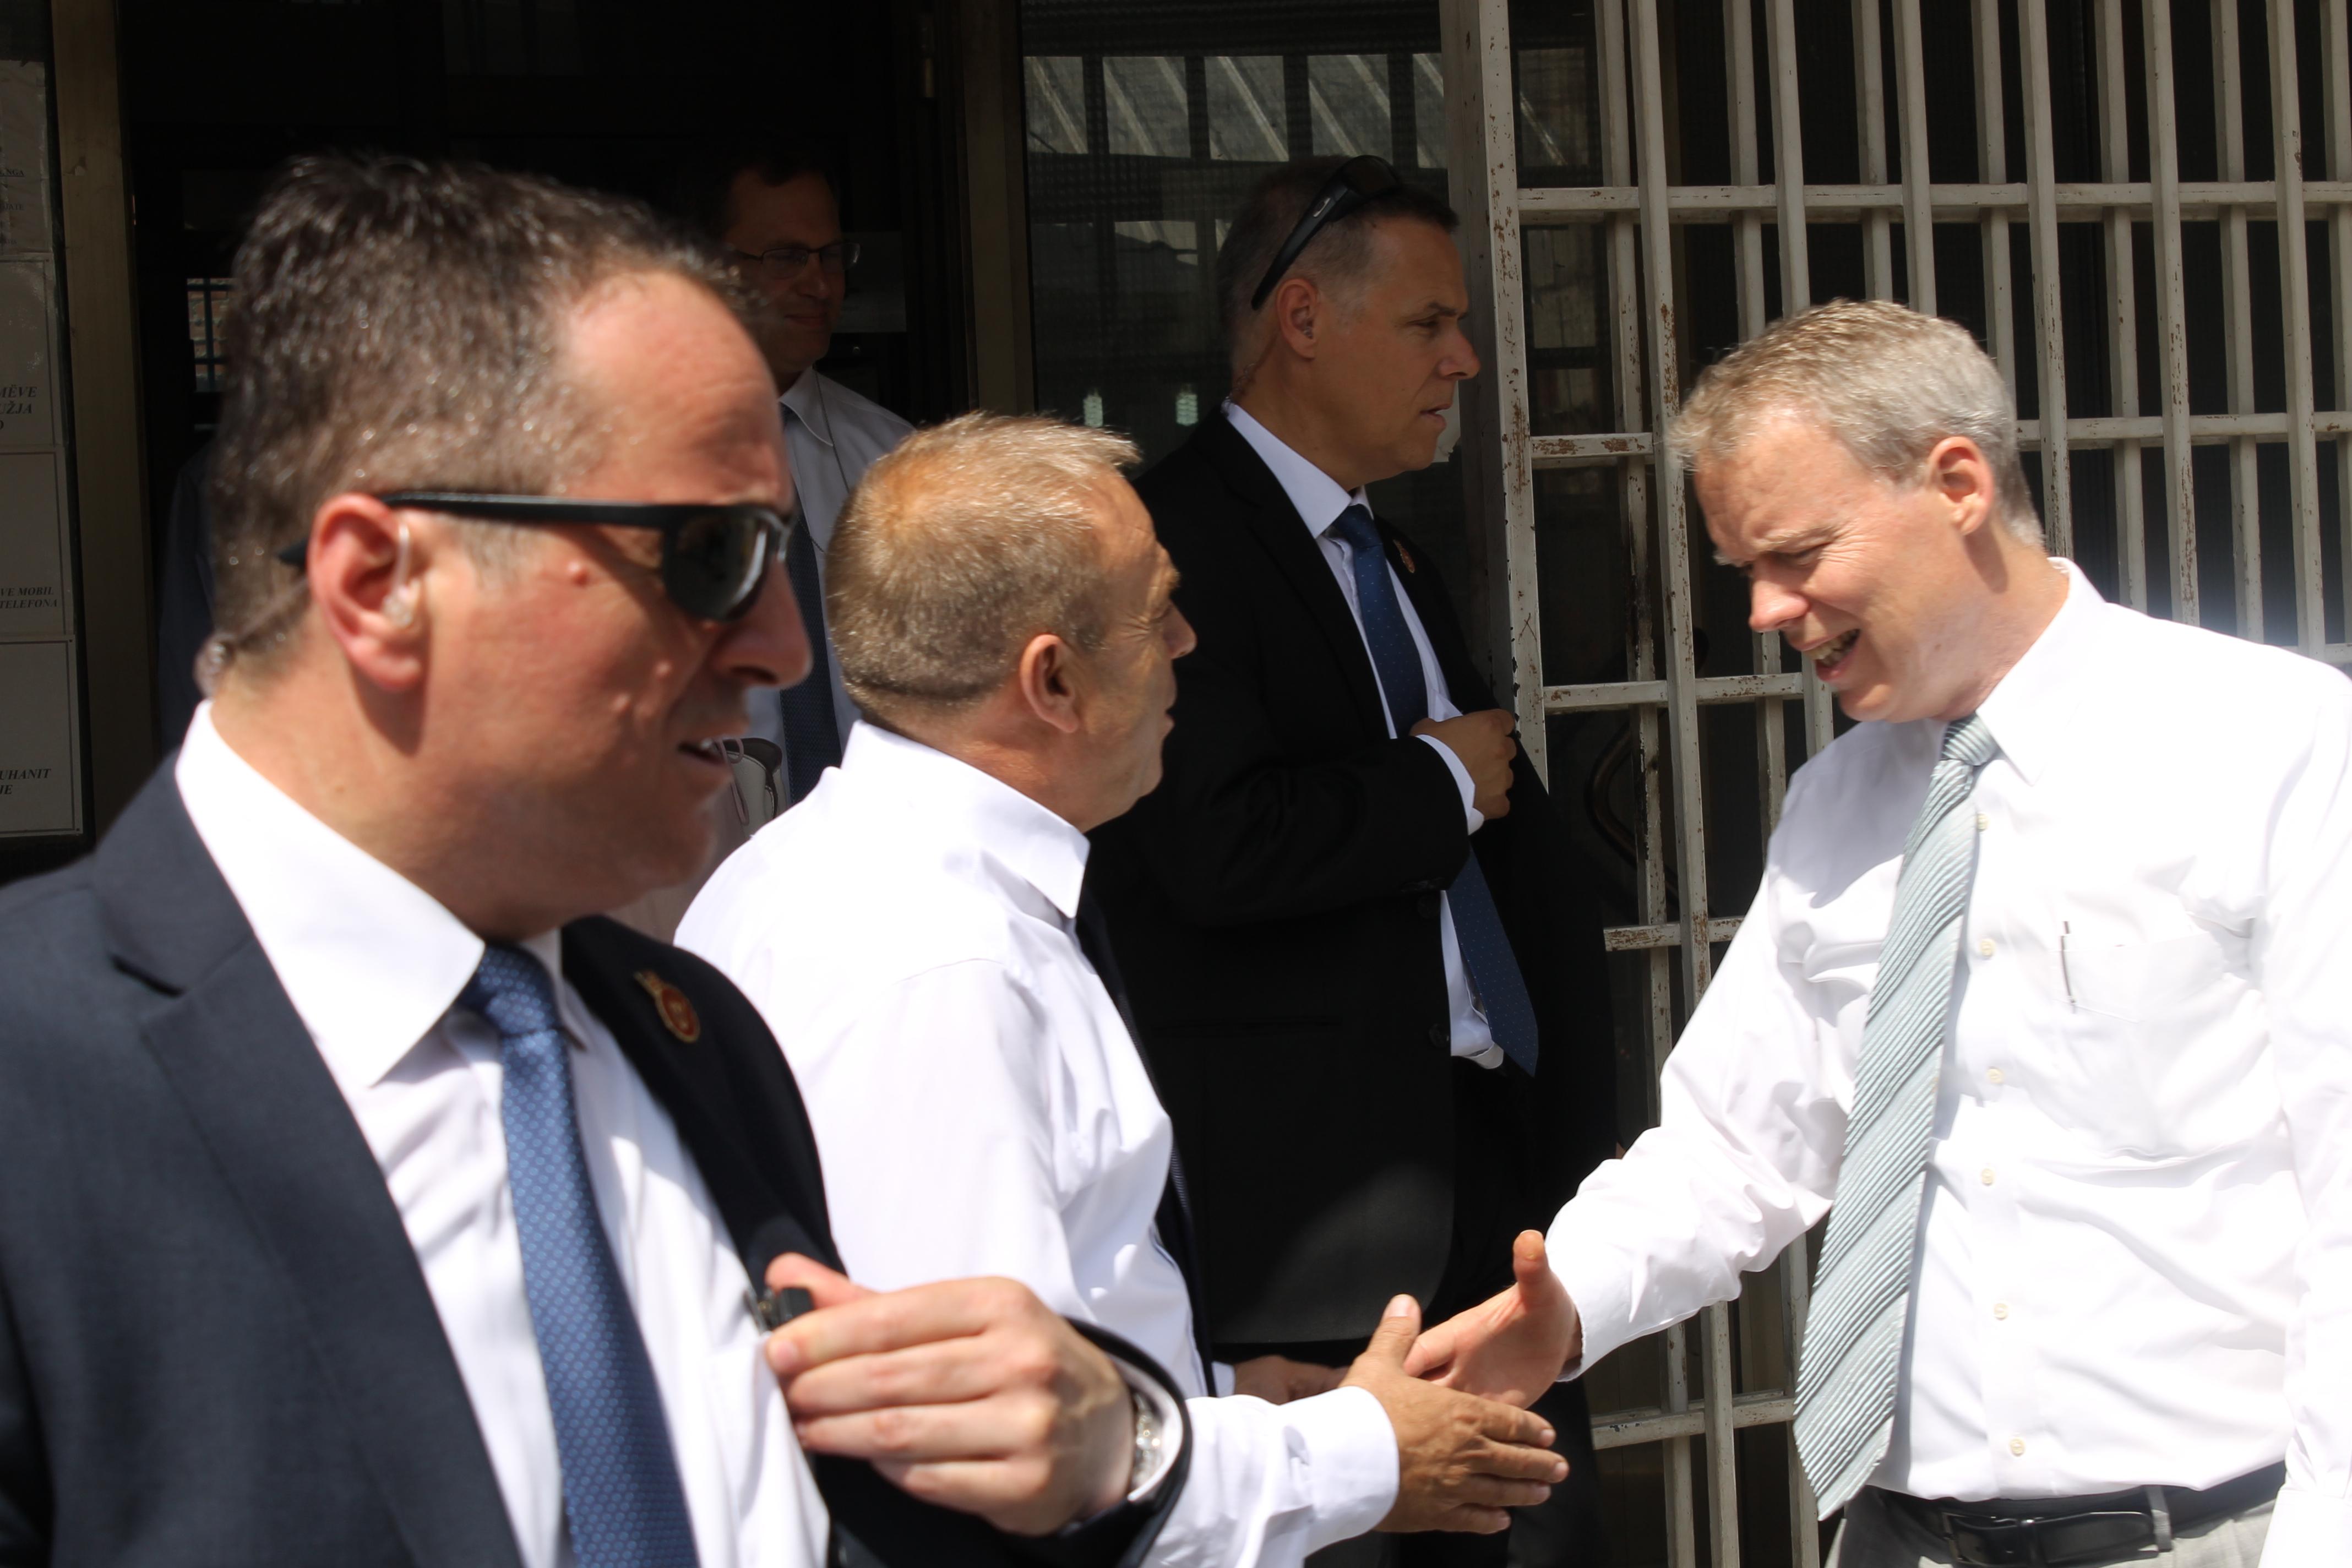 Ambasadori Shteteve të Bashkuara në Republikën e Kosovës, Greg Delawie, viziton Gjykatën Themelore të Mitrovicës